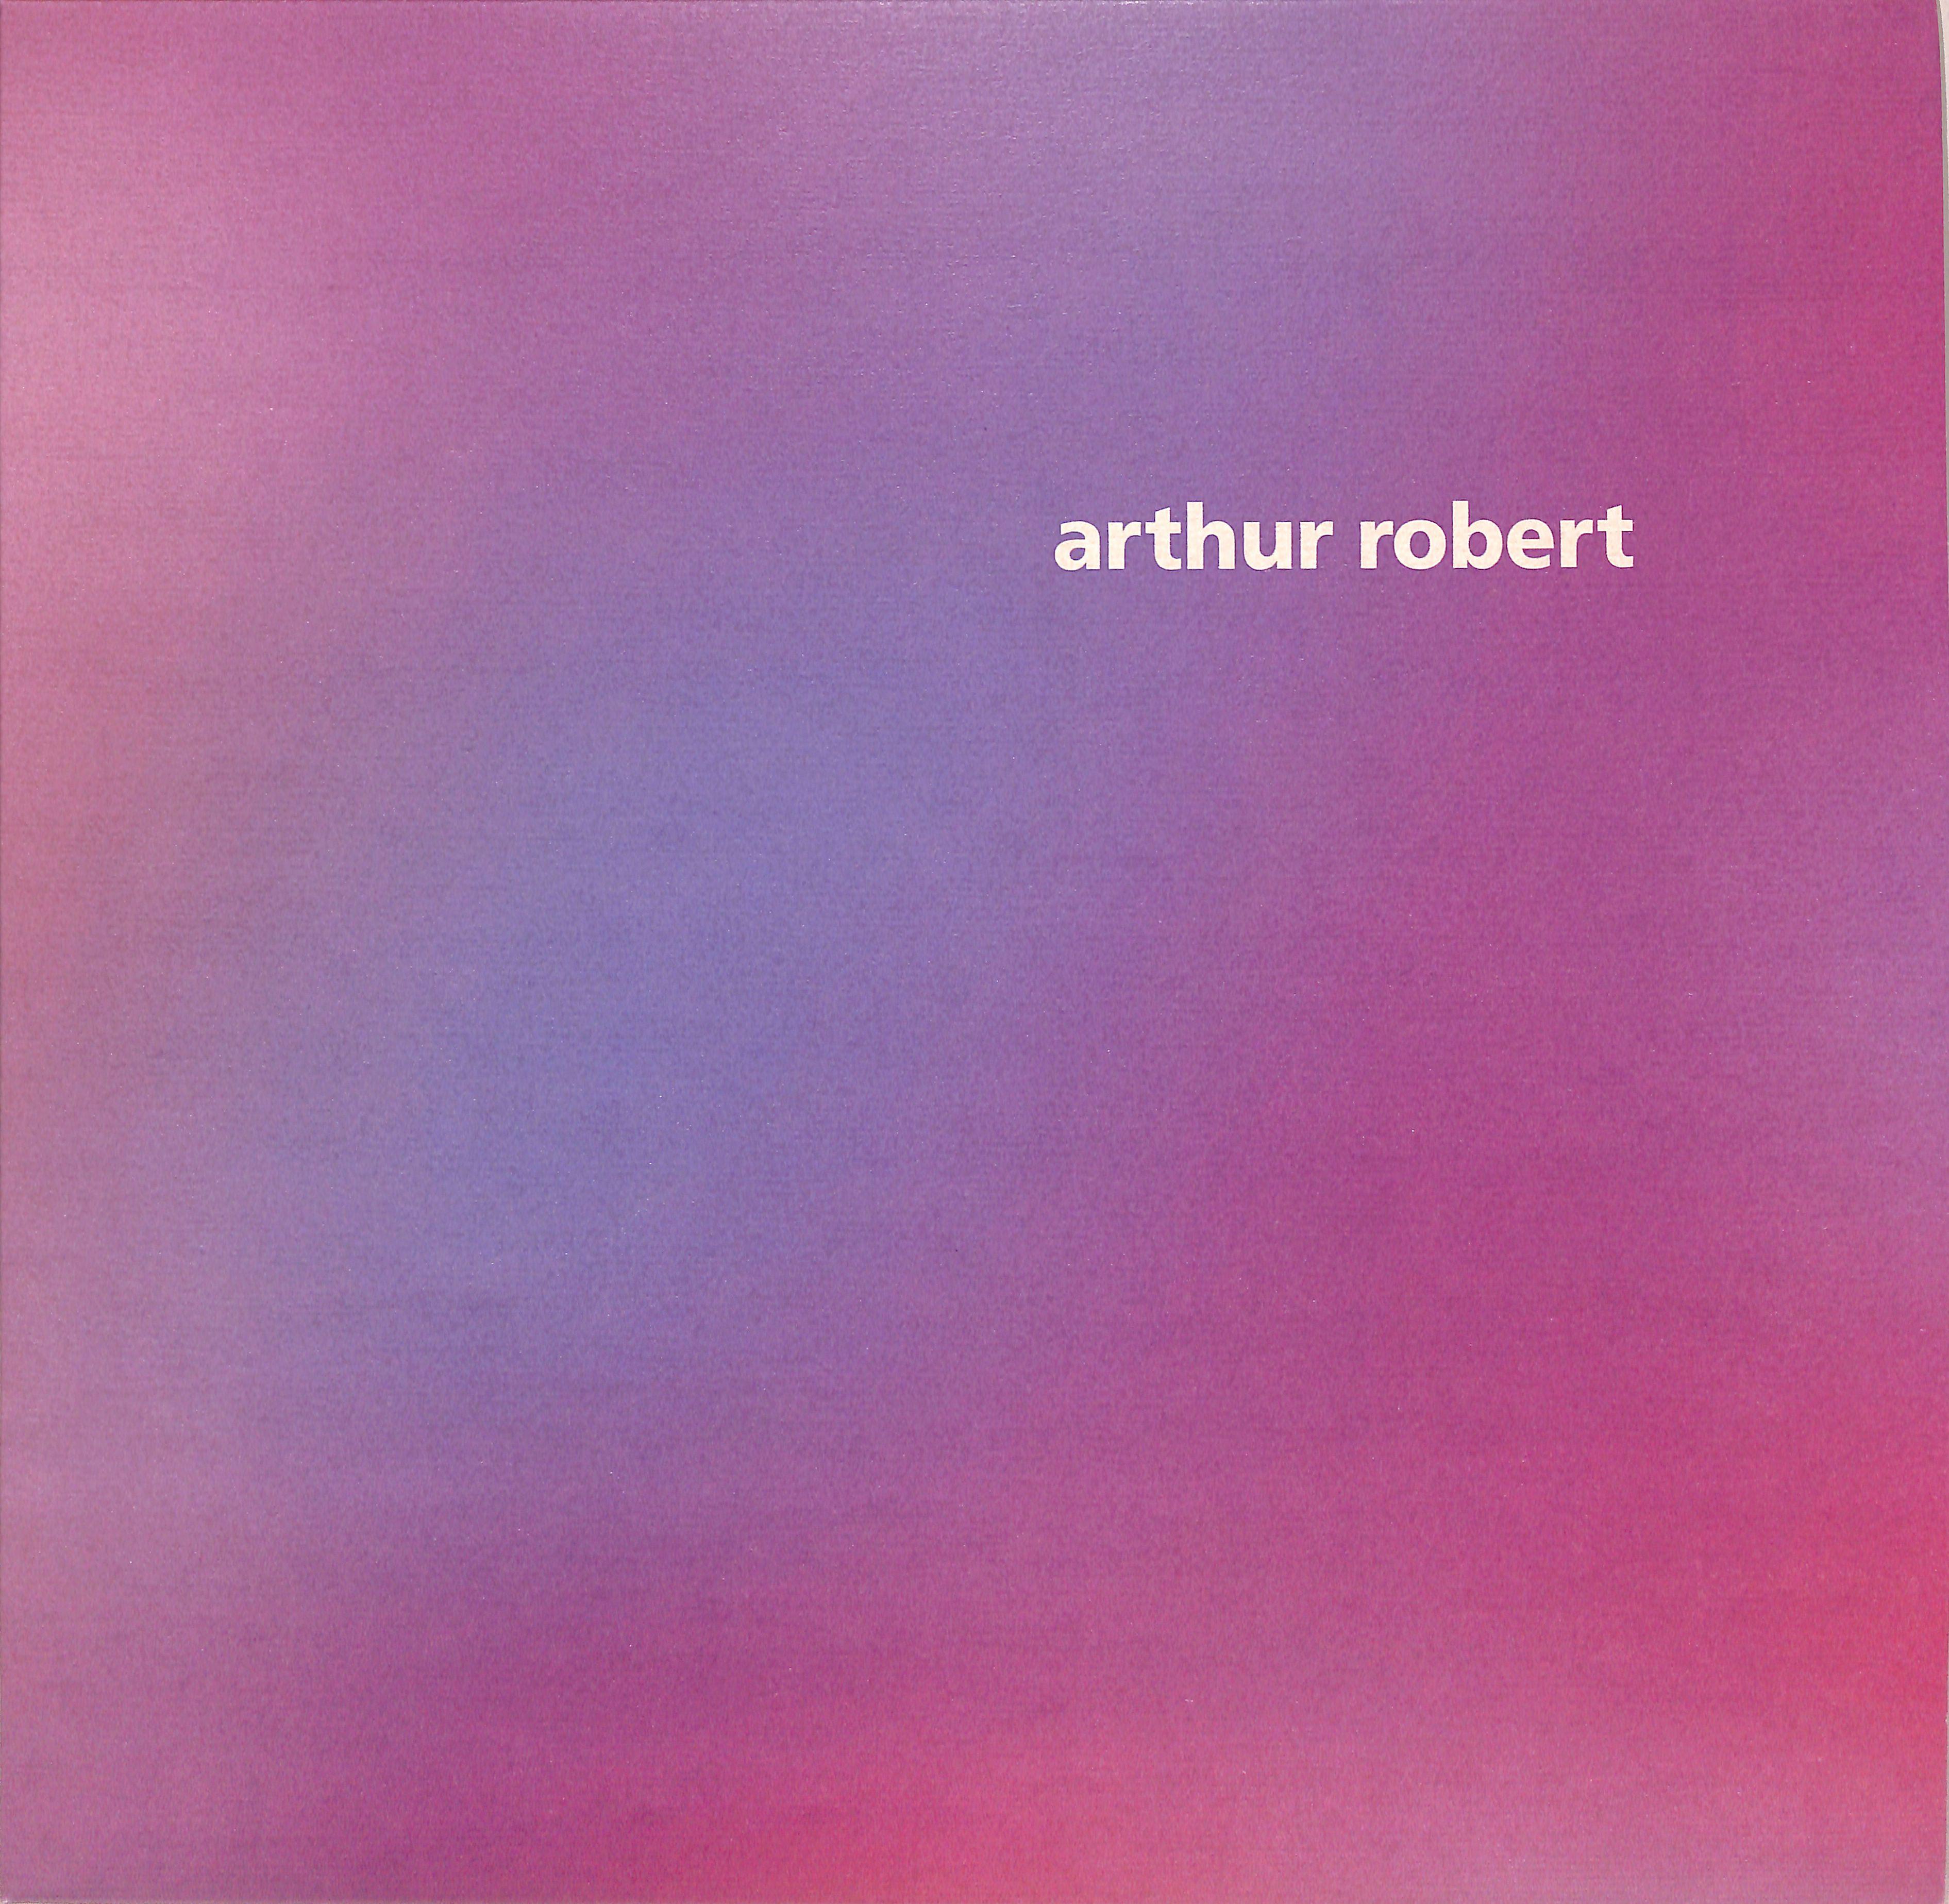 Arthur Robert - ARRIVAL PART 1